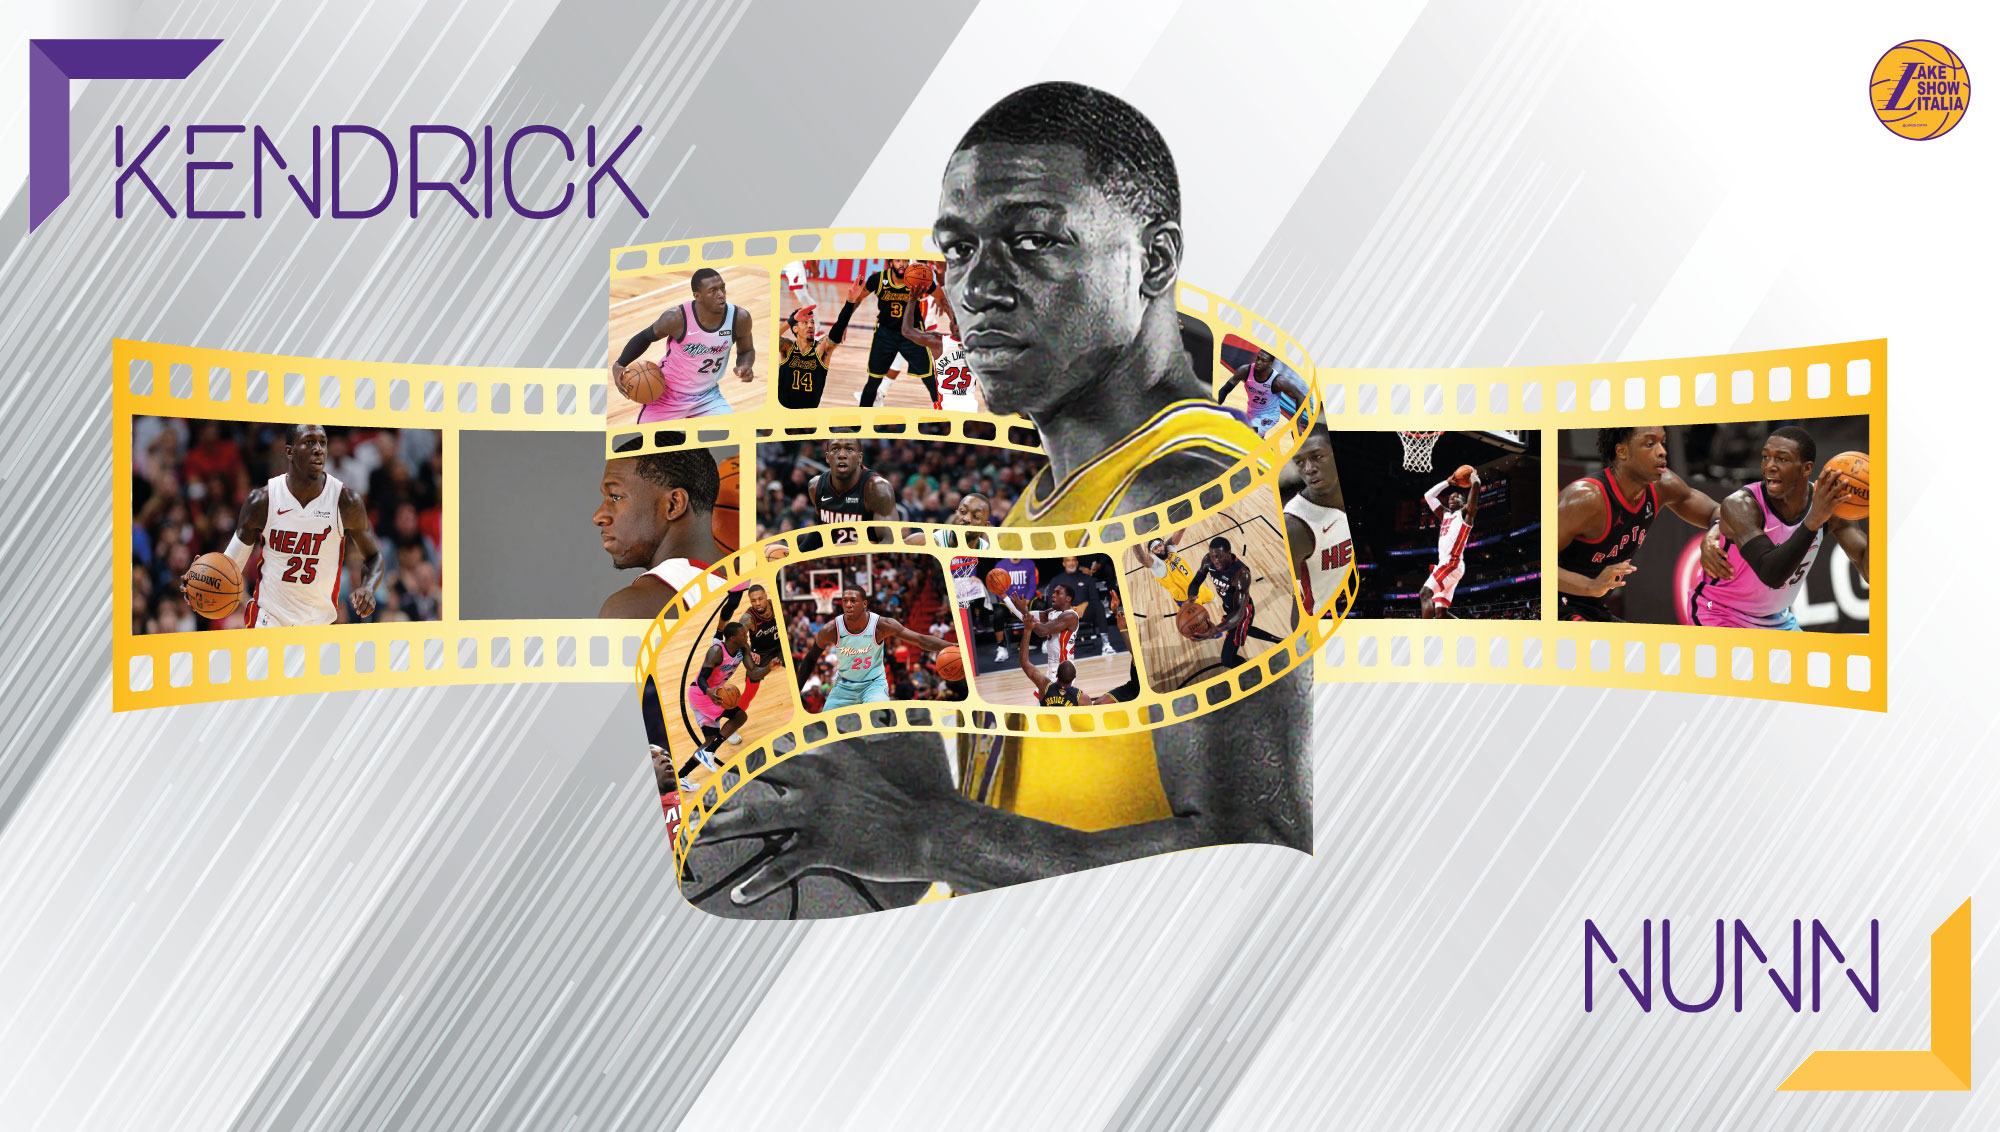 Punti rapidi, tiro da tre e difesa tutta da scoprire. Scopriamo Kendrick Nunn, la firma più onerosa della free agency dei Los Angeles Lakers.